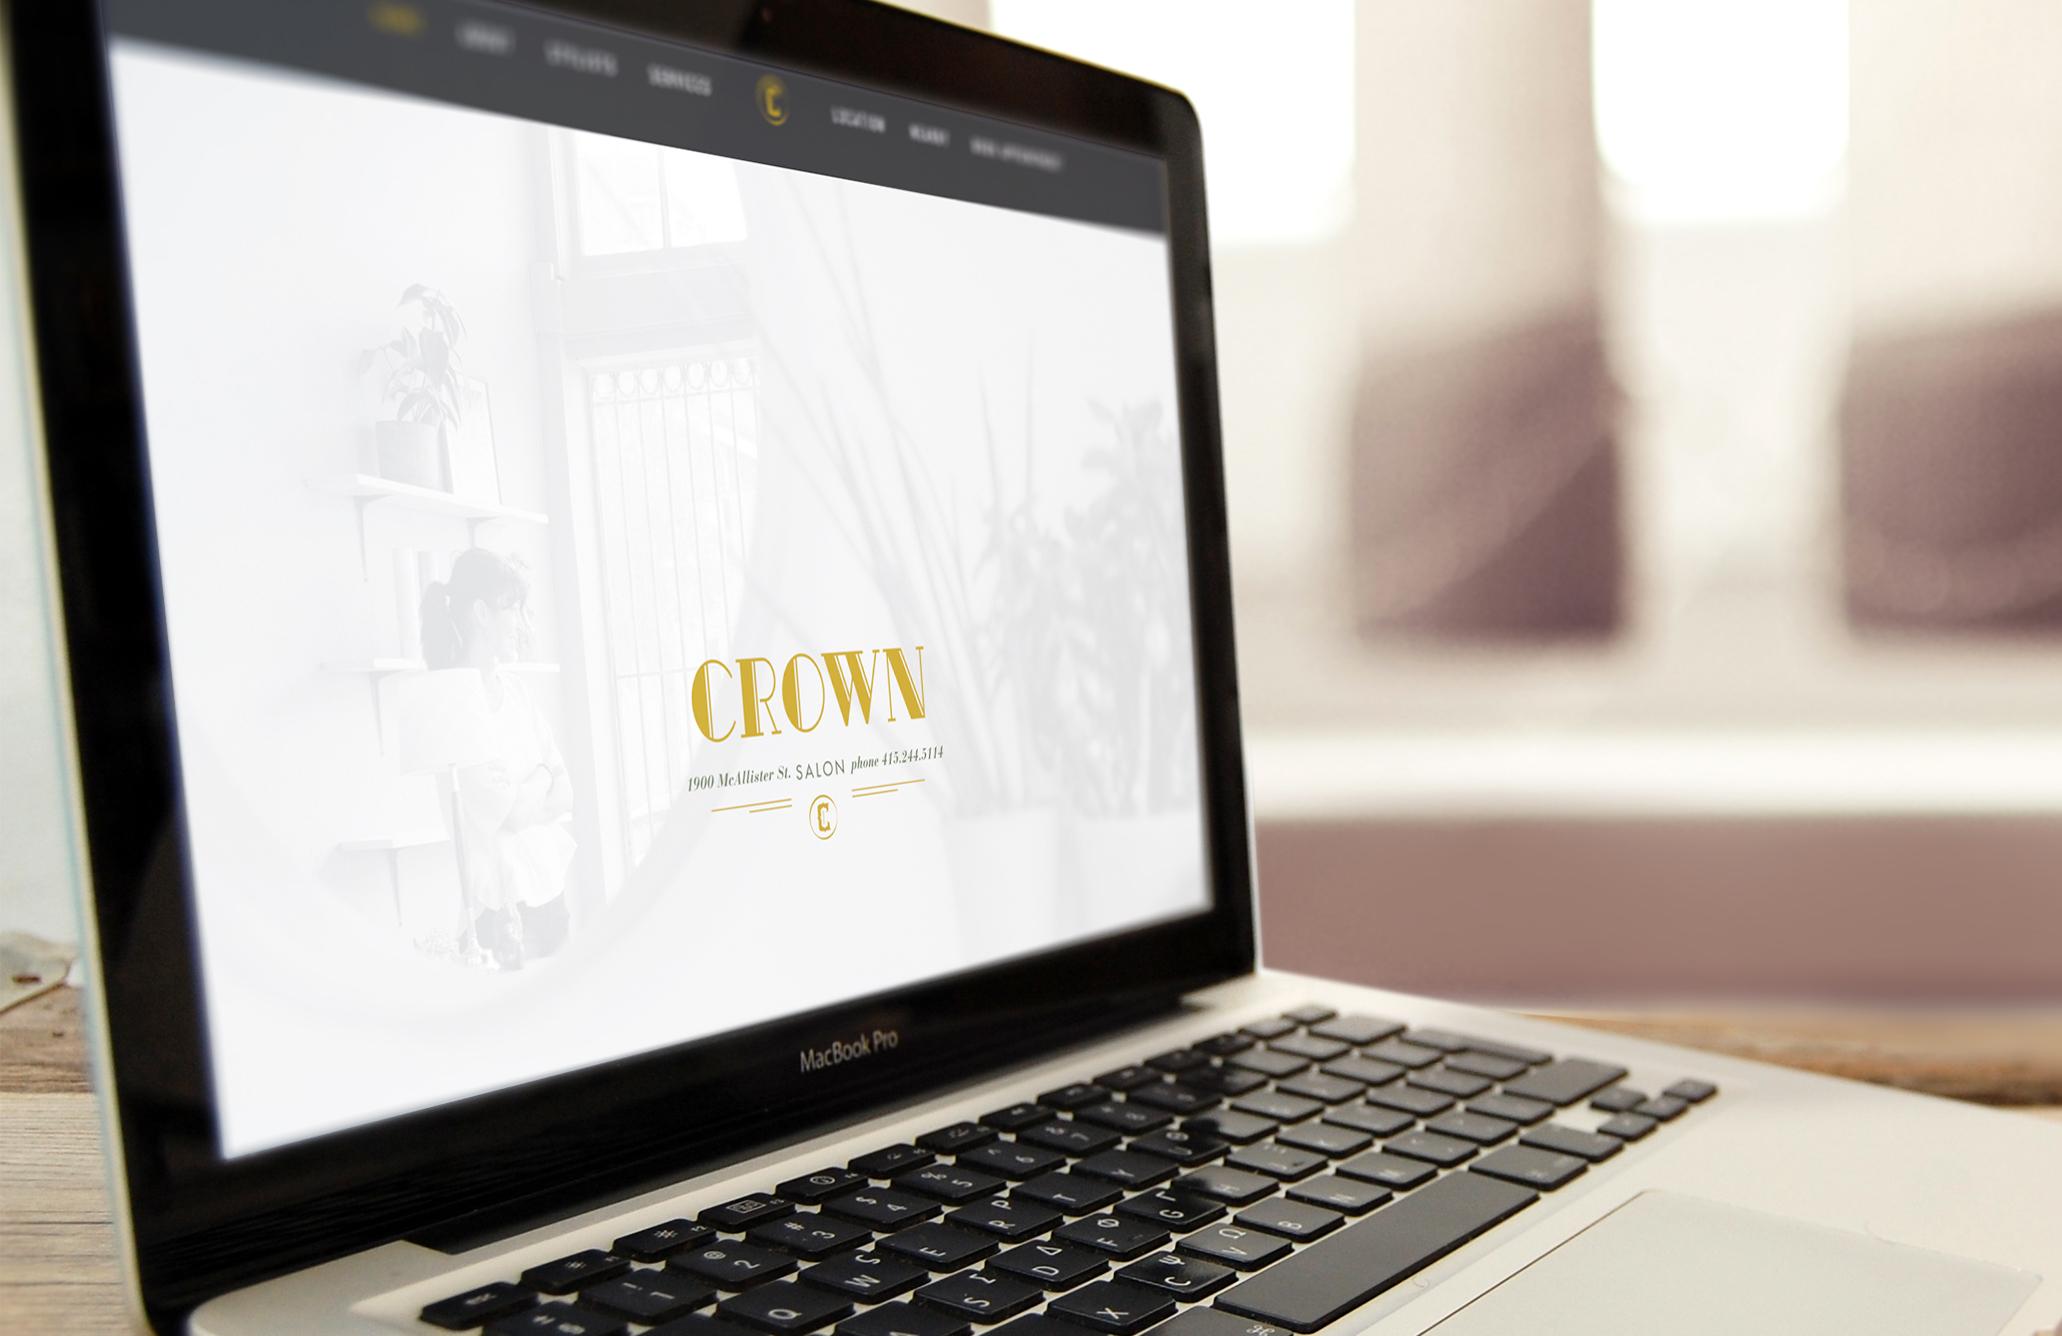 Crown-web.jpg